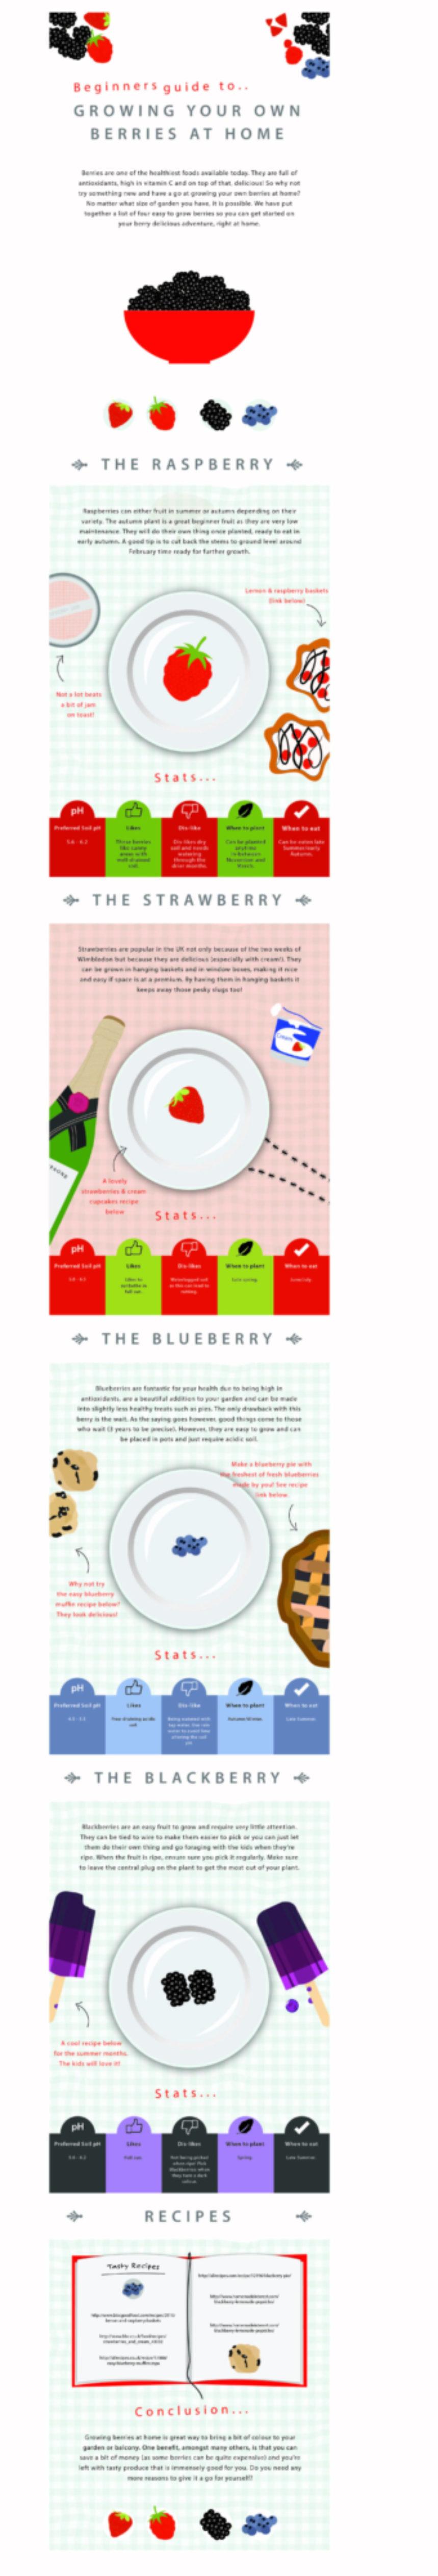 Beginners Guide To Growing Berries